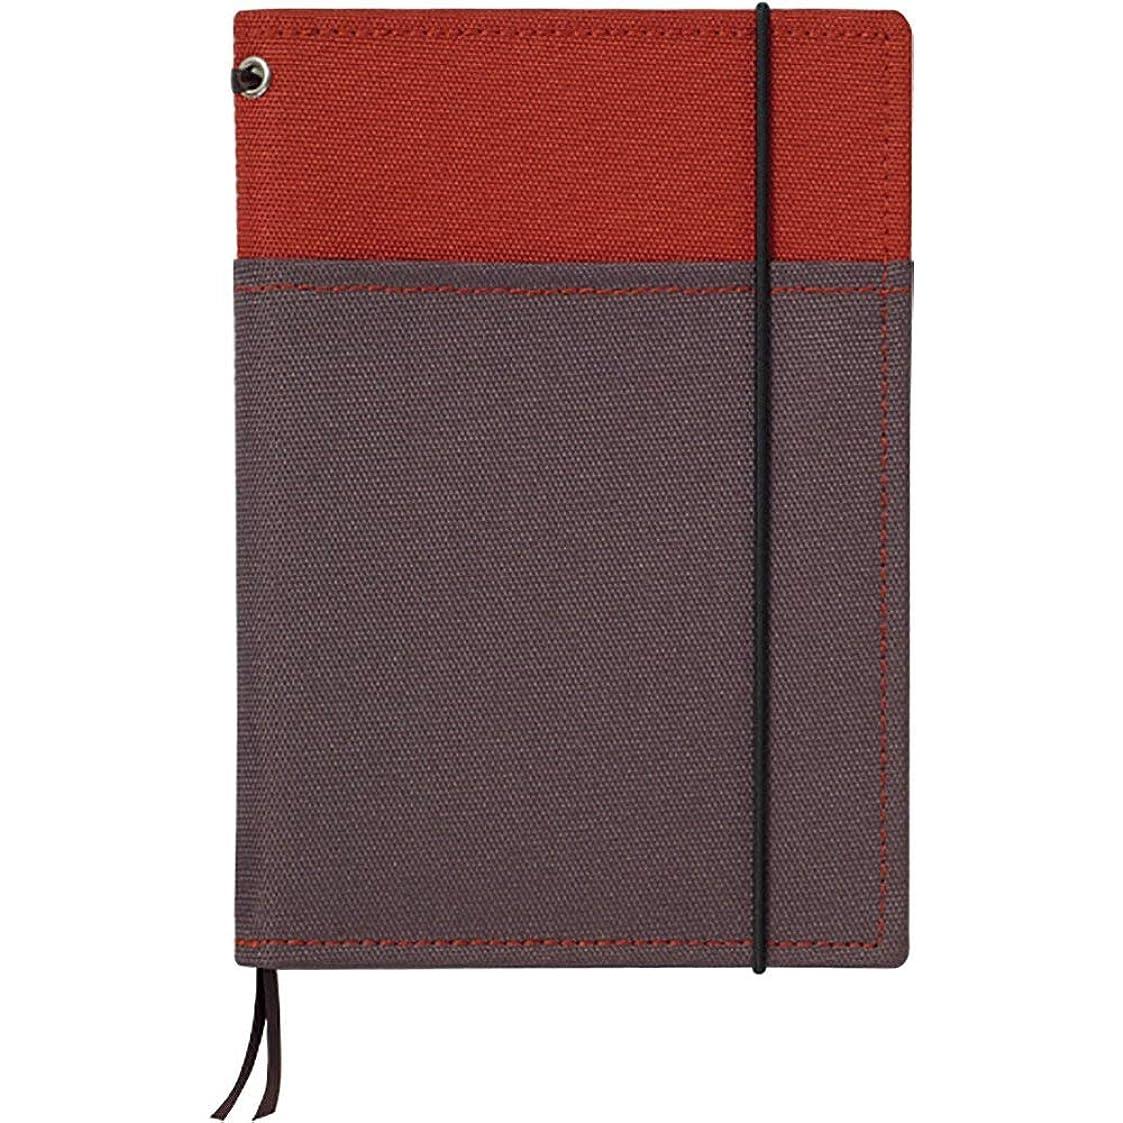 コクヨ カバーノート システミック 2冊収容タイプ 赤/グレー A6 B罫 48枚 ノ-659B-2 【まとめ買い3冊セット】